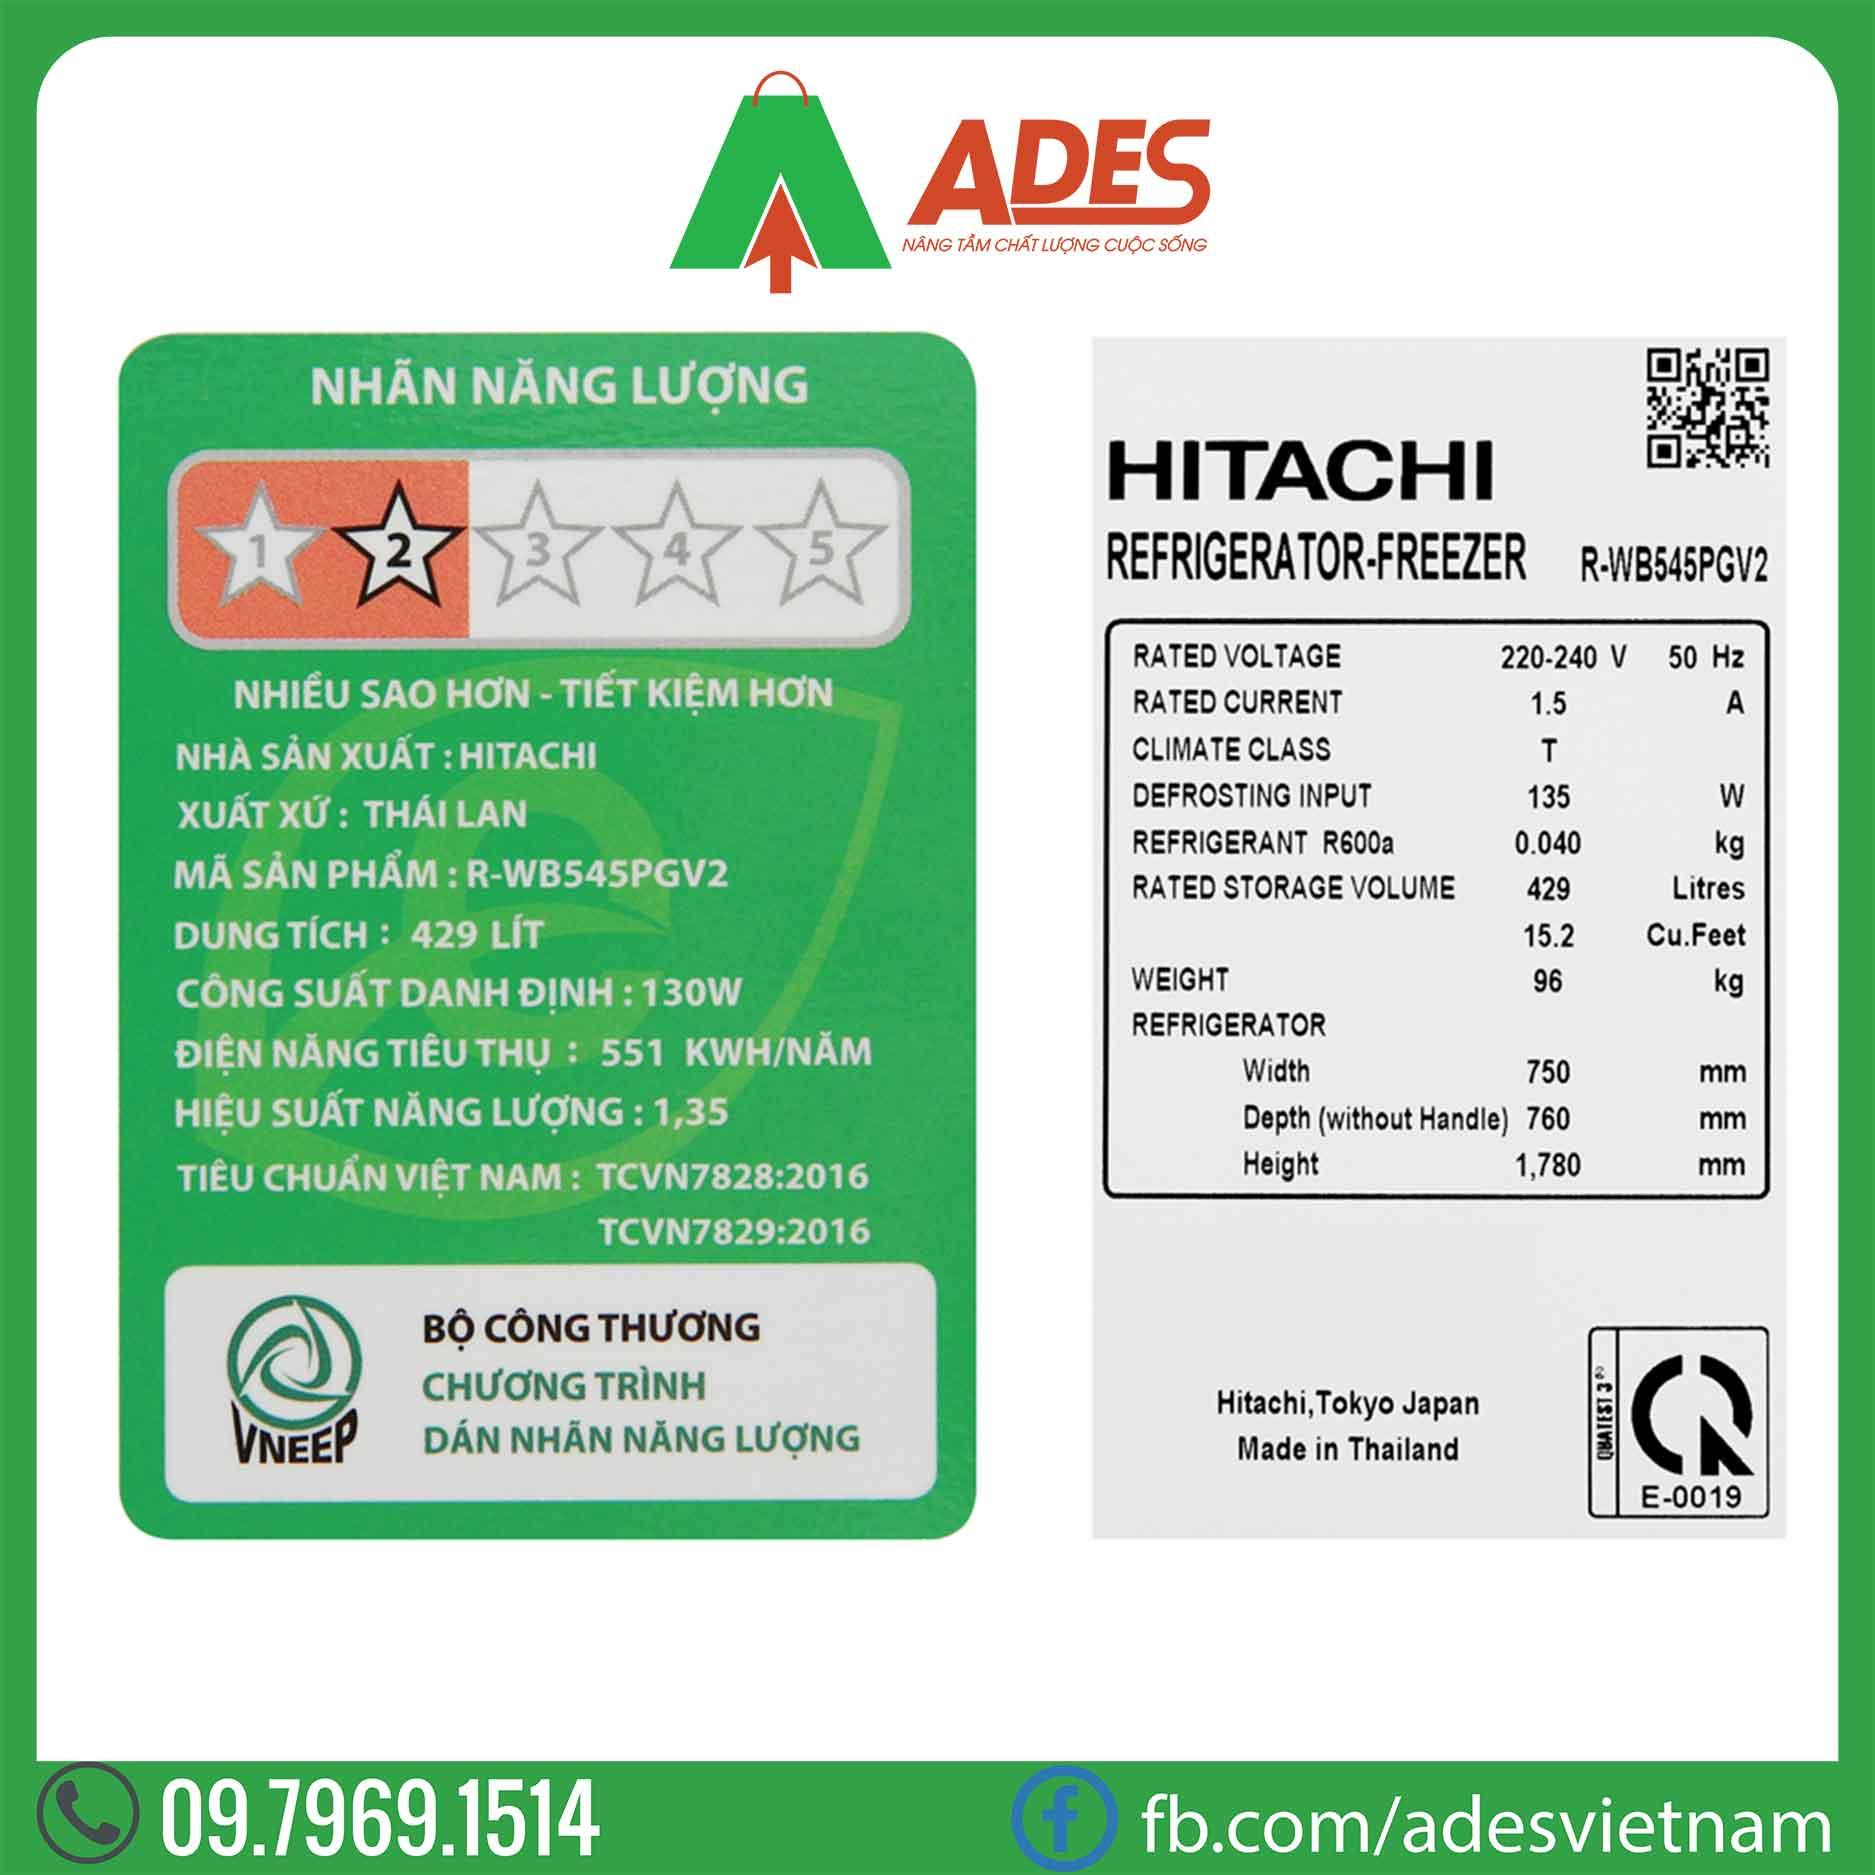 Tu lanh Hitachi Inverter R-WB545PGV2GBW